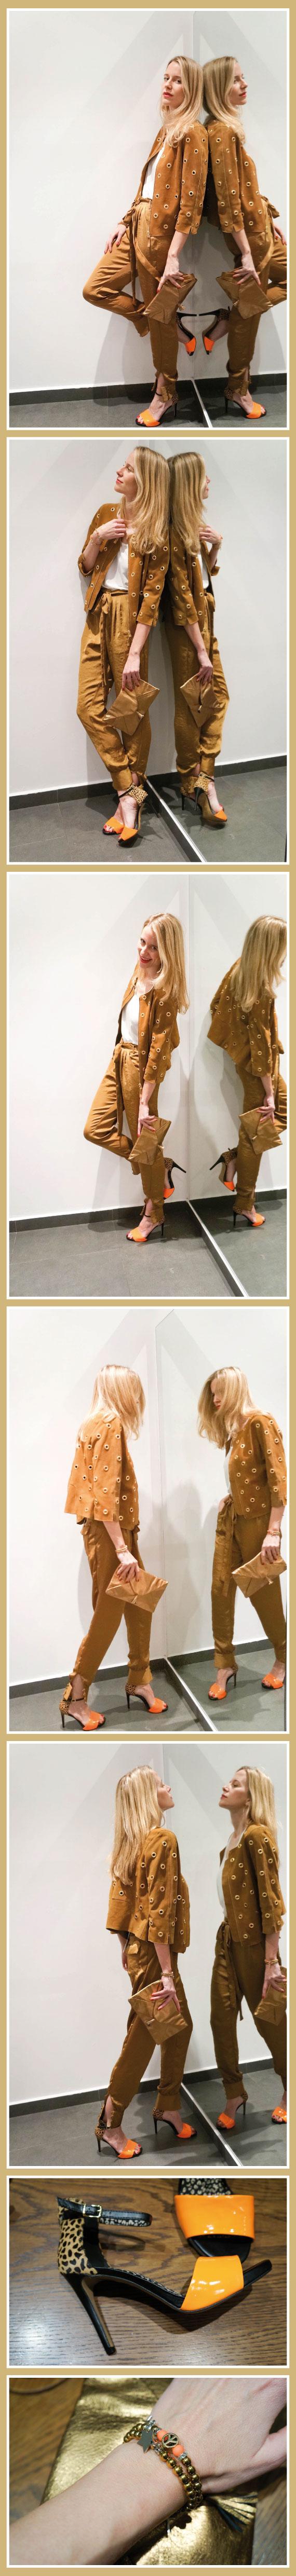 María León con cazadora de ante camel y pantalón de seda de HOSS INTROPIA, sandalia con print animal y naranja flúor de Jessica Simpson y pulseras en dorado con flúor de La Chsipa Adecuada.